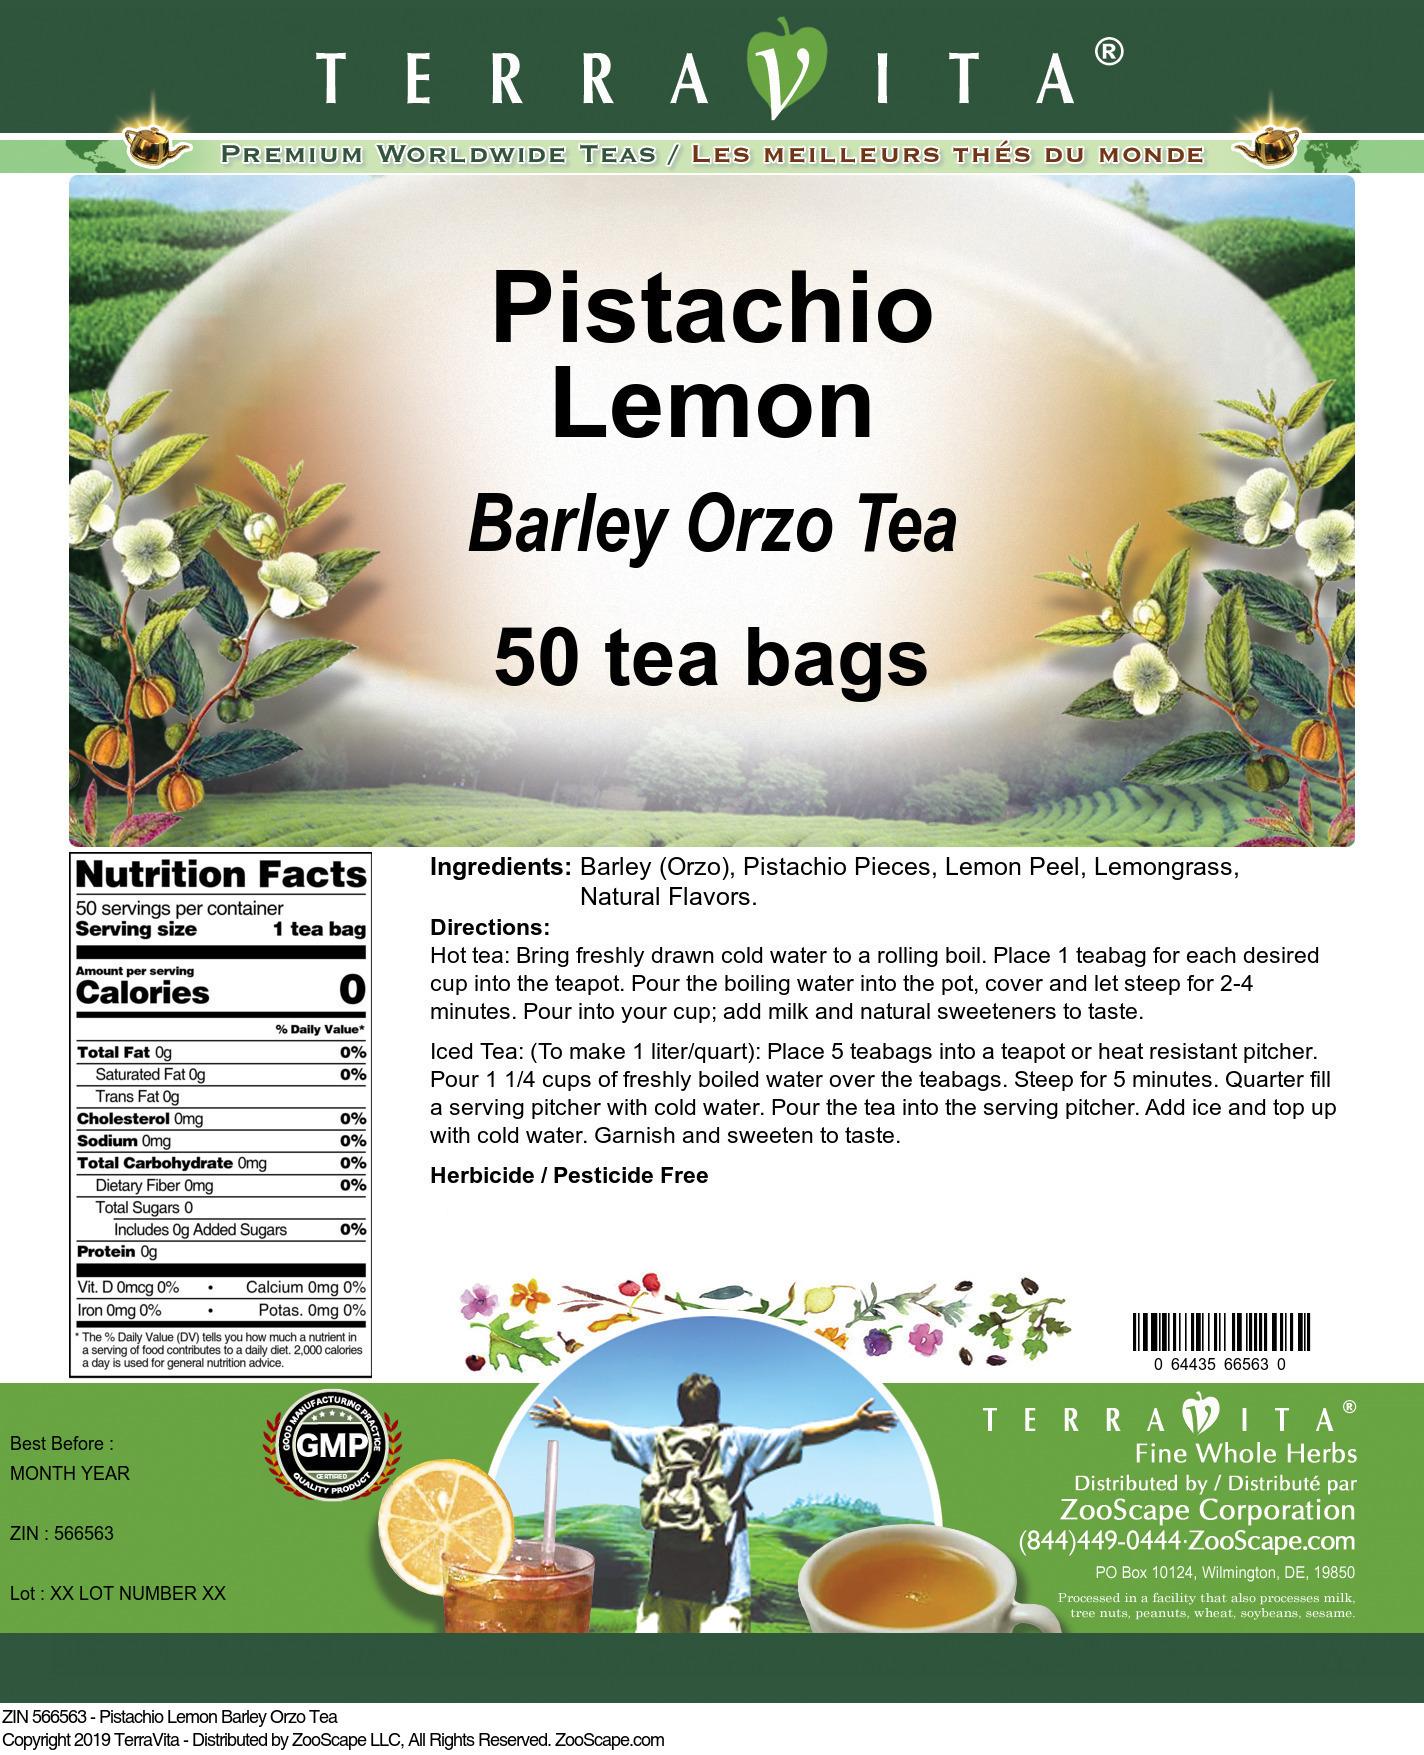 Pistachio Lemon Barley Orzo